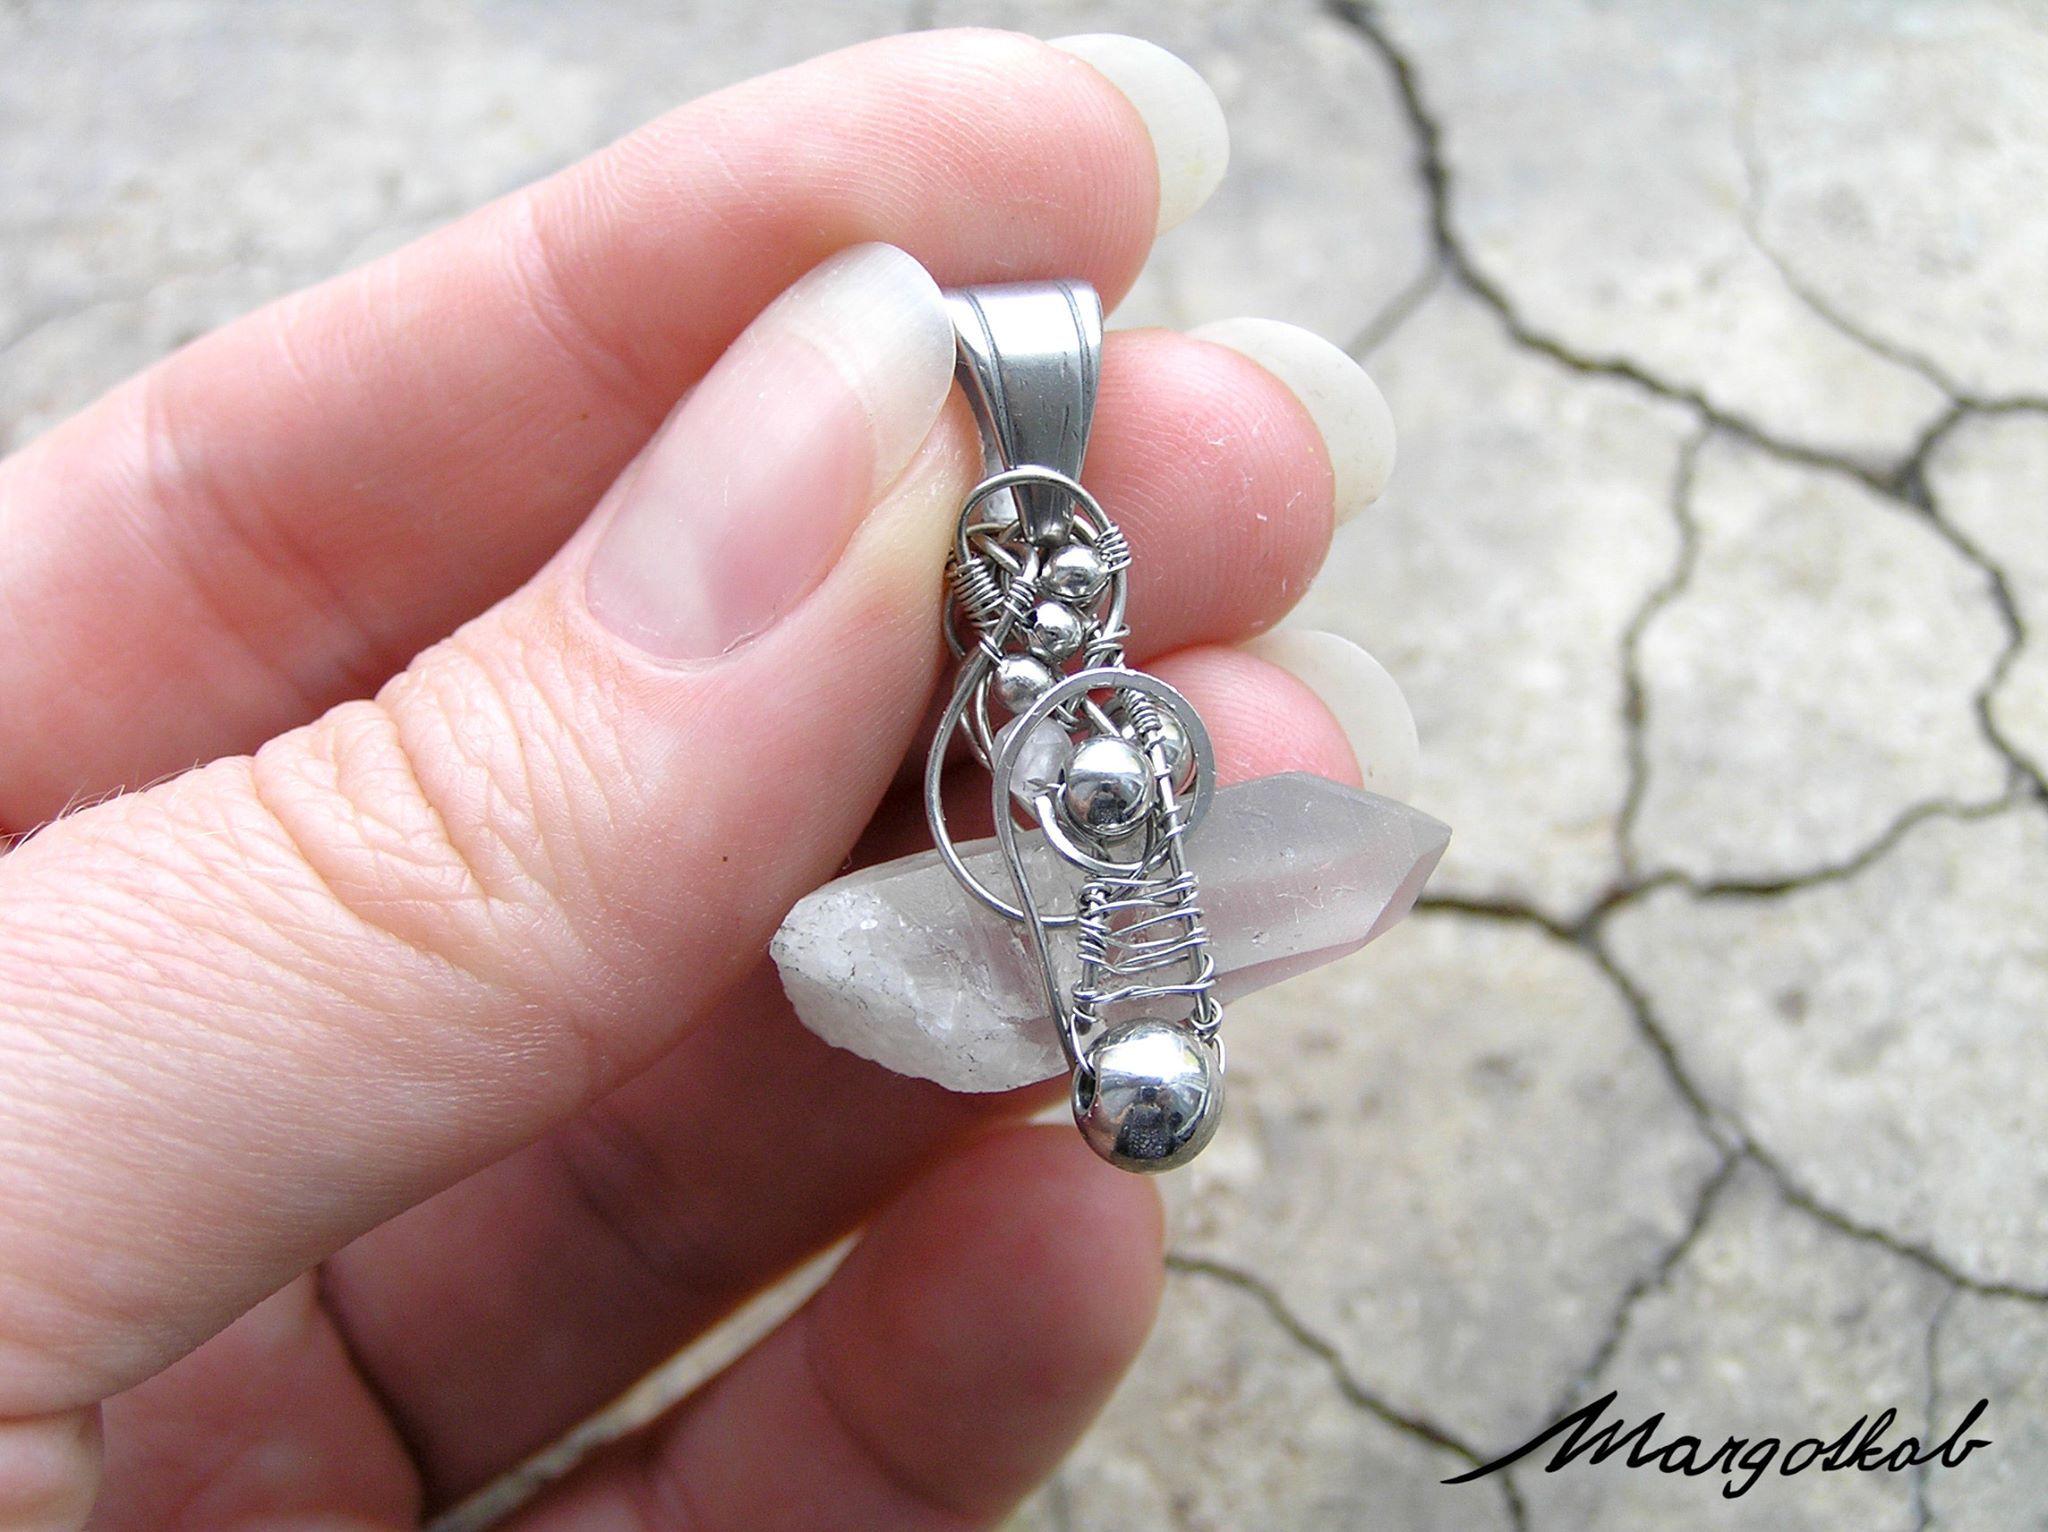 Krystal křišťálu, křišťálový drátovaný přívěsek, nerez, wire-wrapping, wire wrapped, crystal jewelry pendant stainless steelwww.fler.cz/margotkab